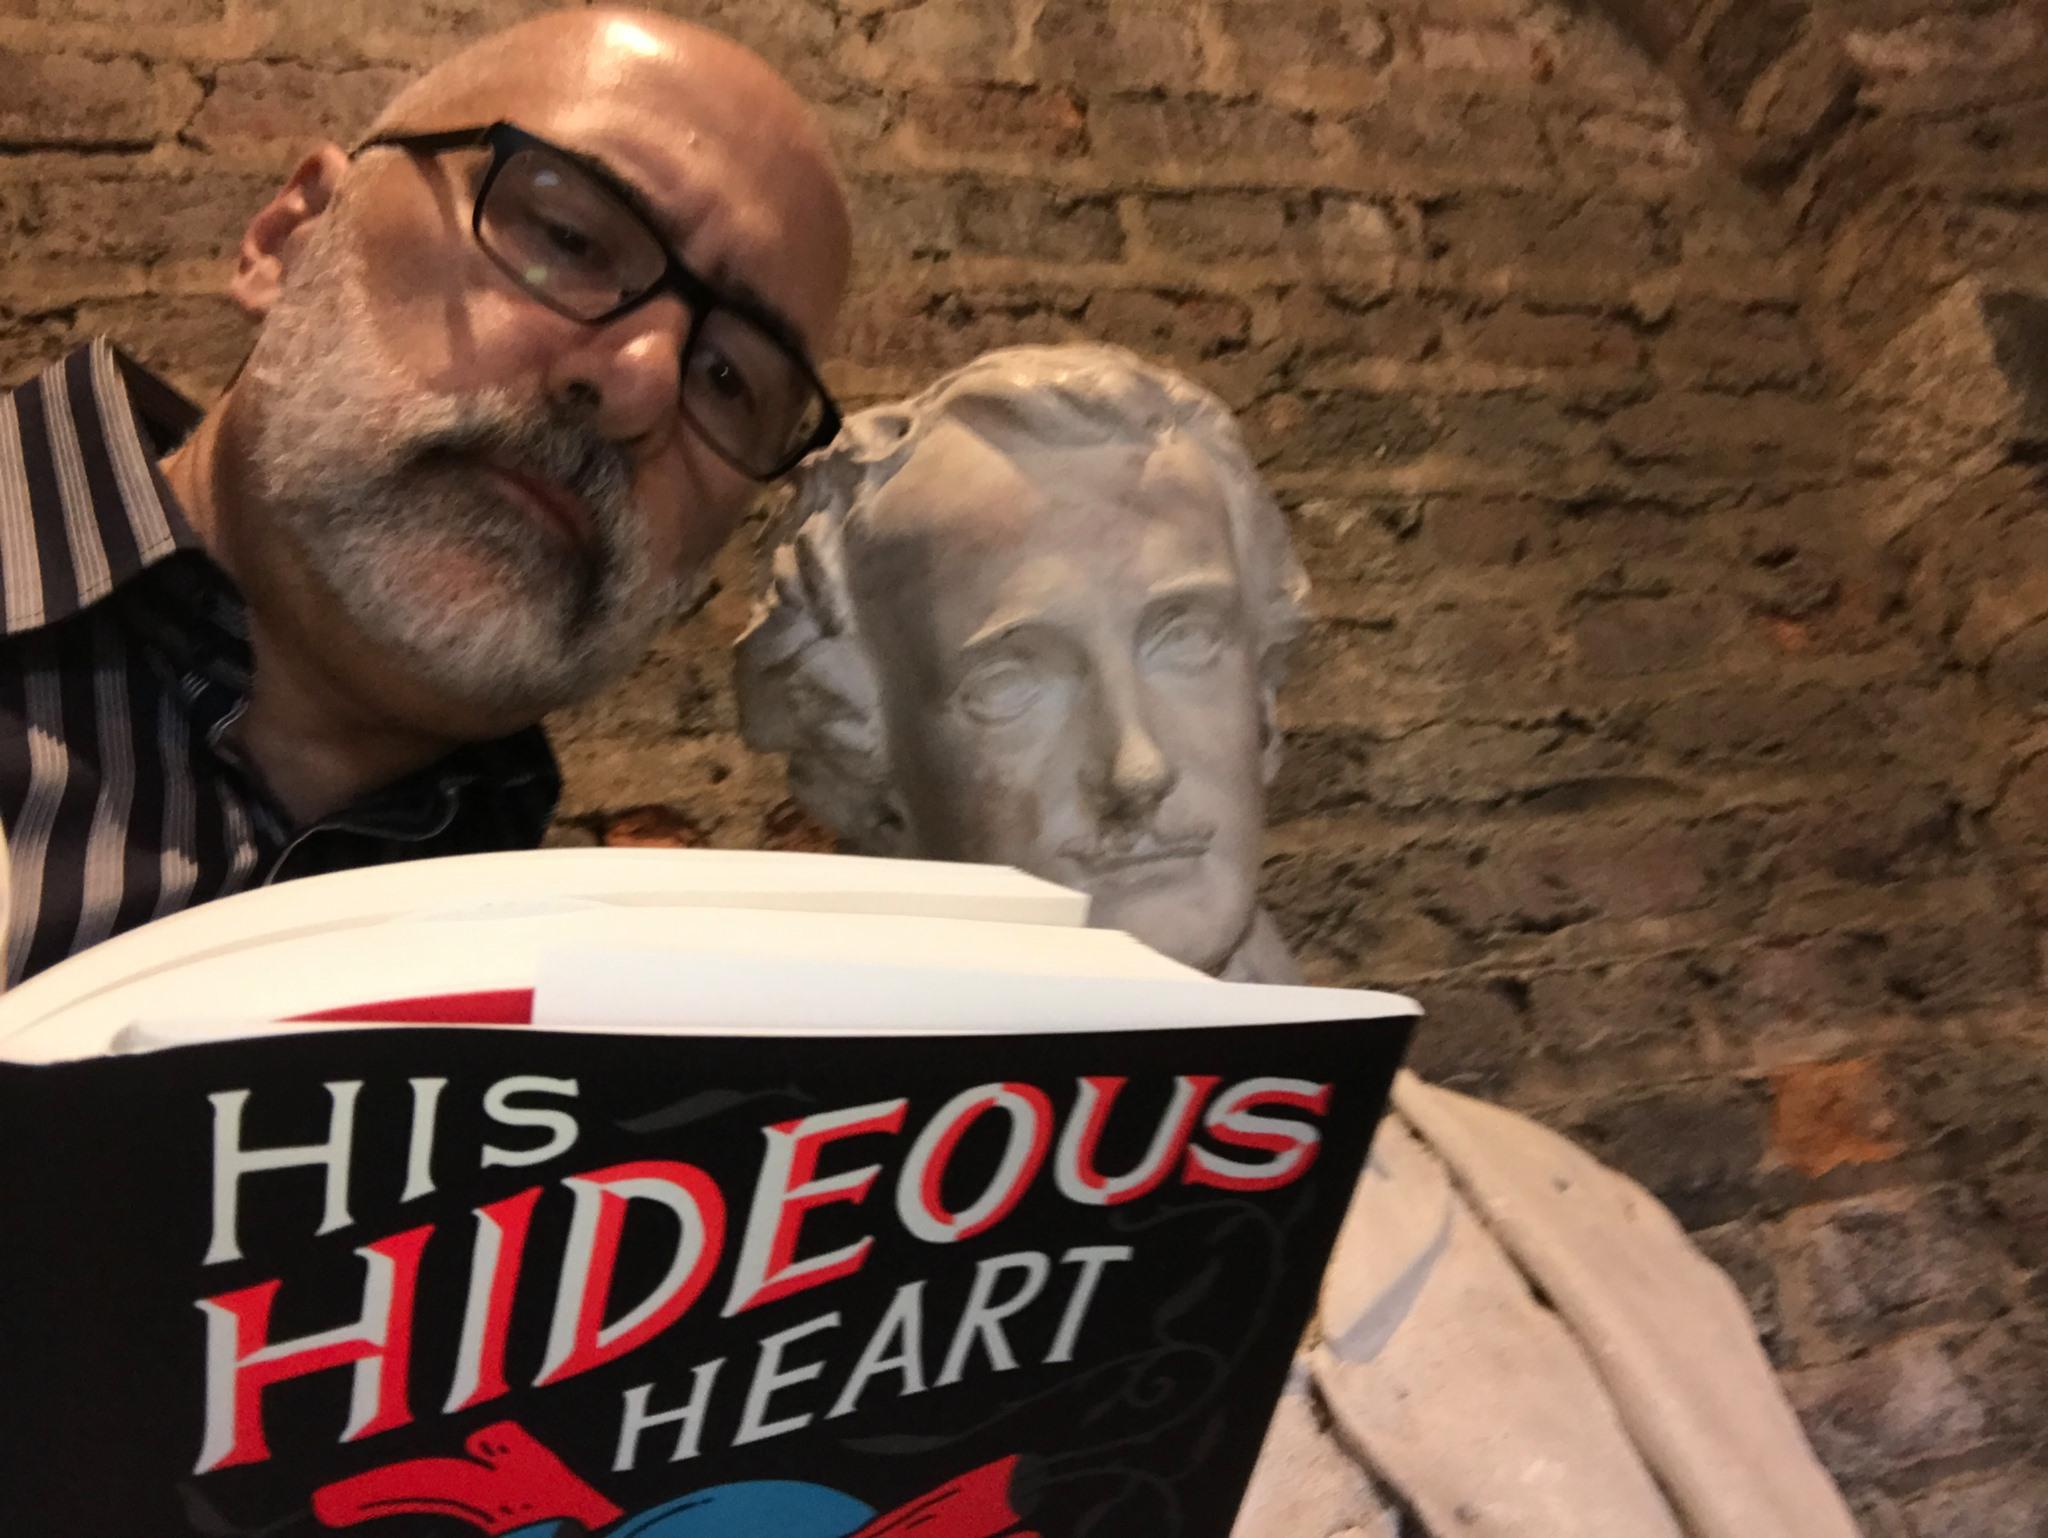 Reading Poe to Poe